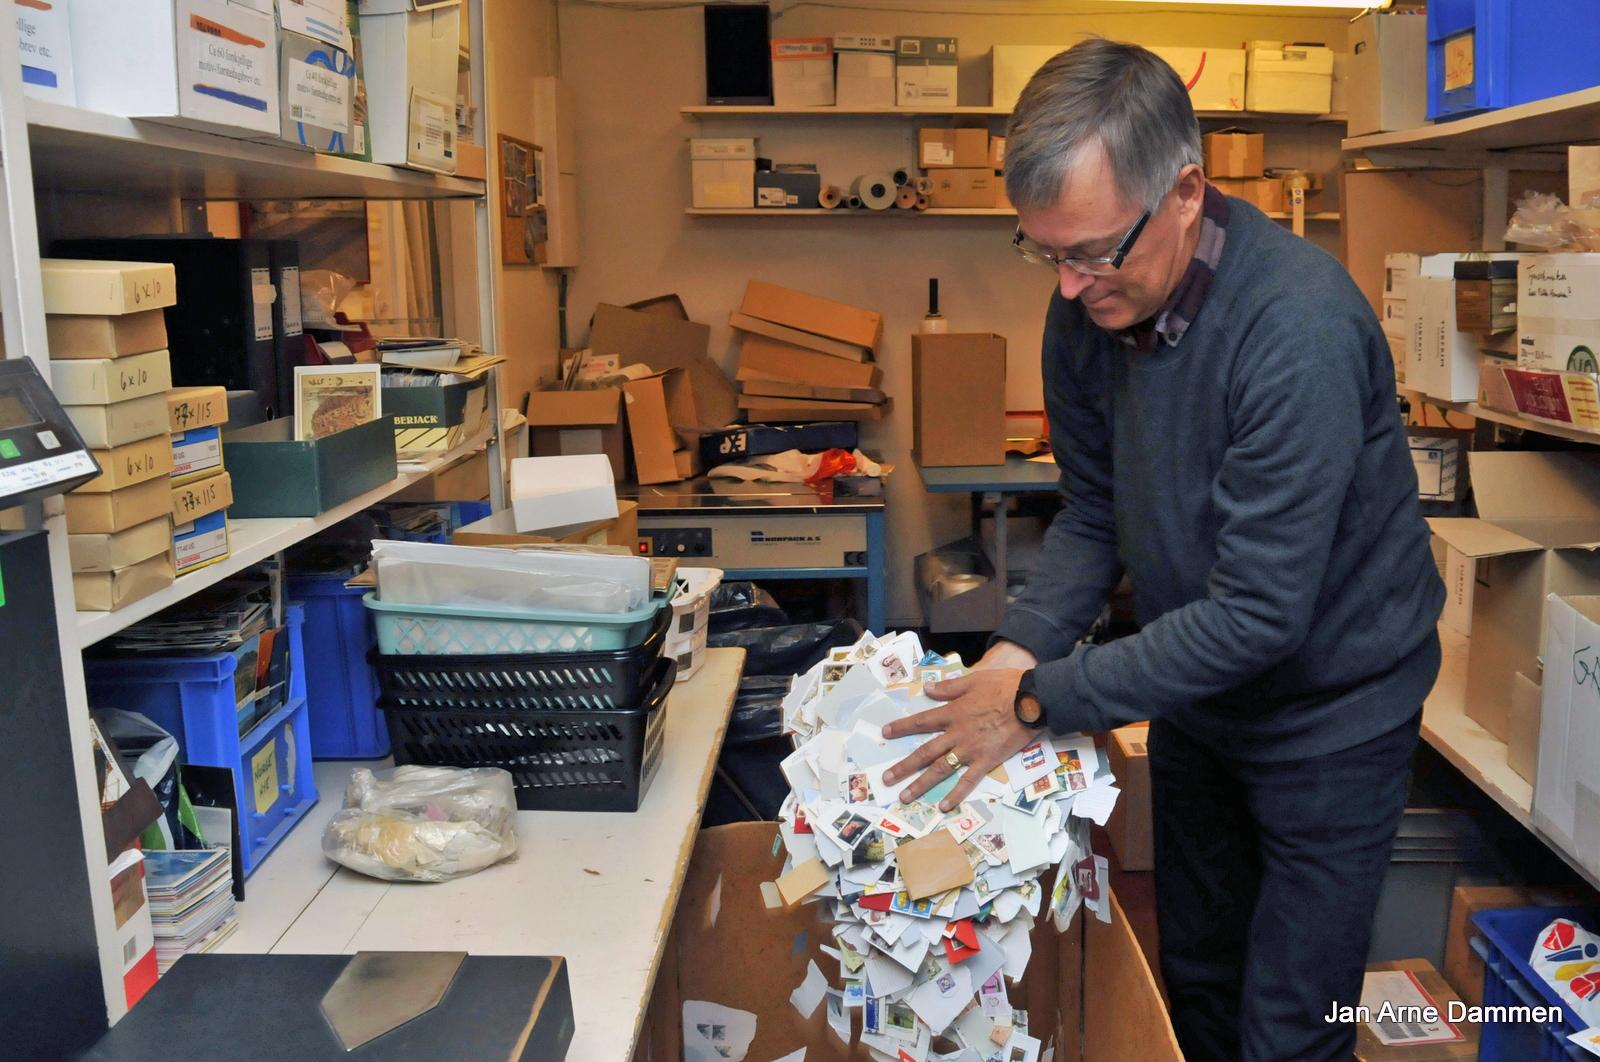 Vi er nå midt inne i den viktige frimerkesesongen, og vårt store håp er at frimerkene fortsatt skal strømme inn til oss her på Nesbyen, sier Kåre Myro. Foto Jan Arne Dammen